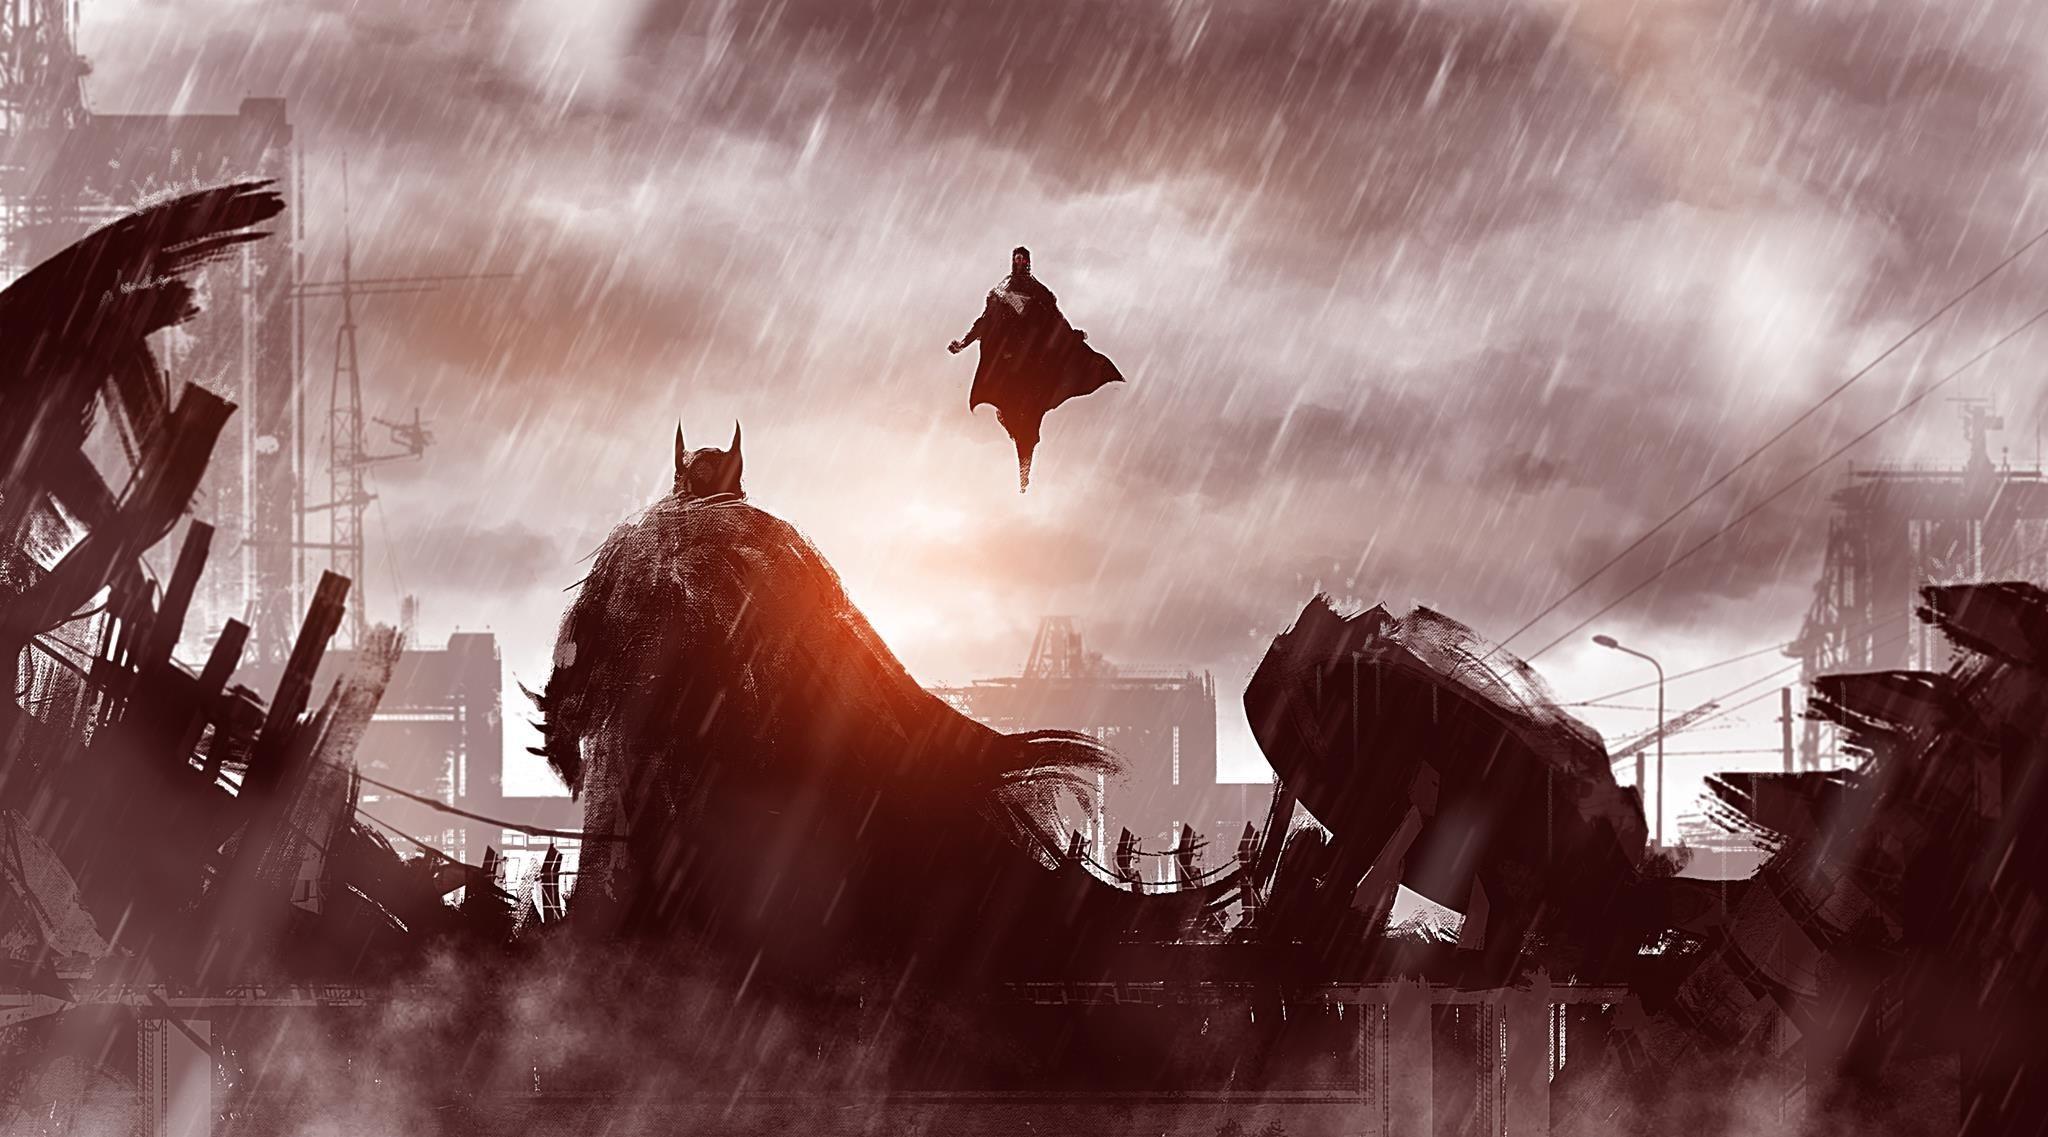 Batman Vs Superman Wallpapers HD